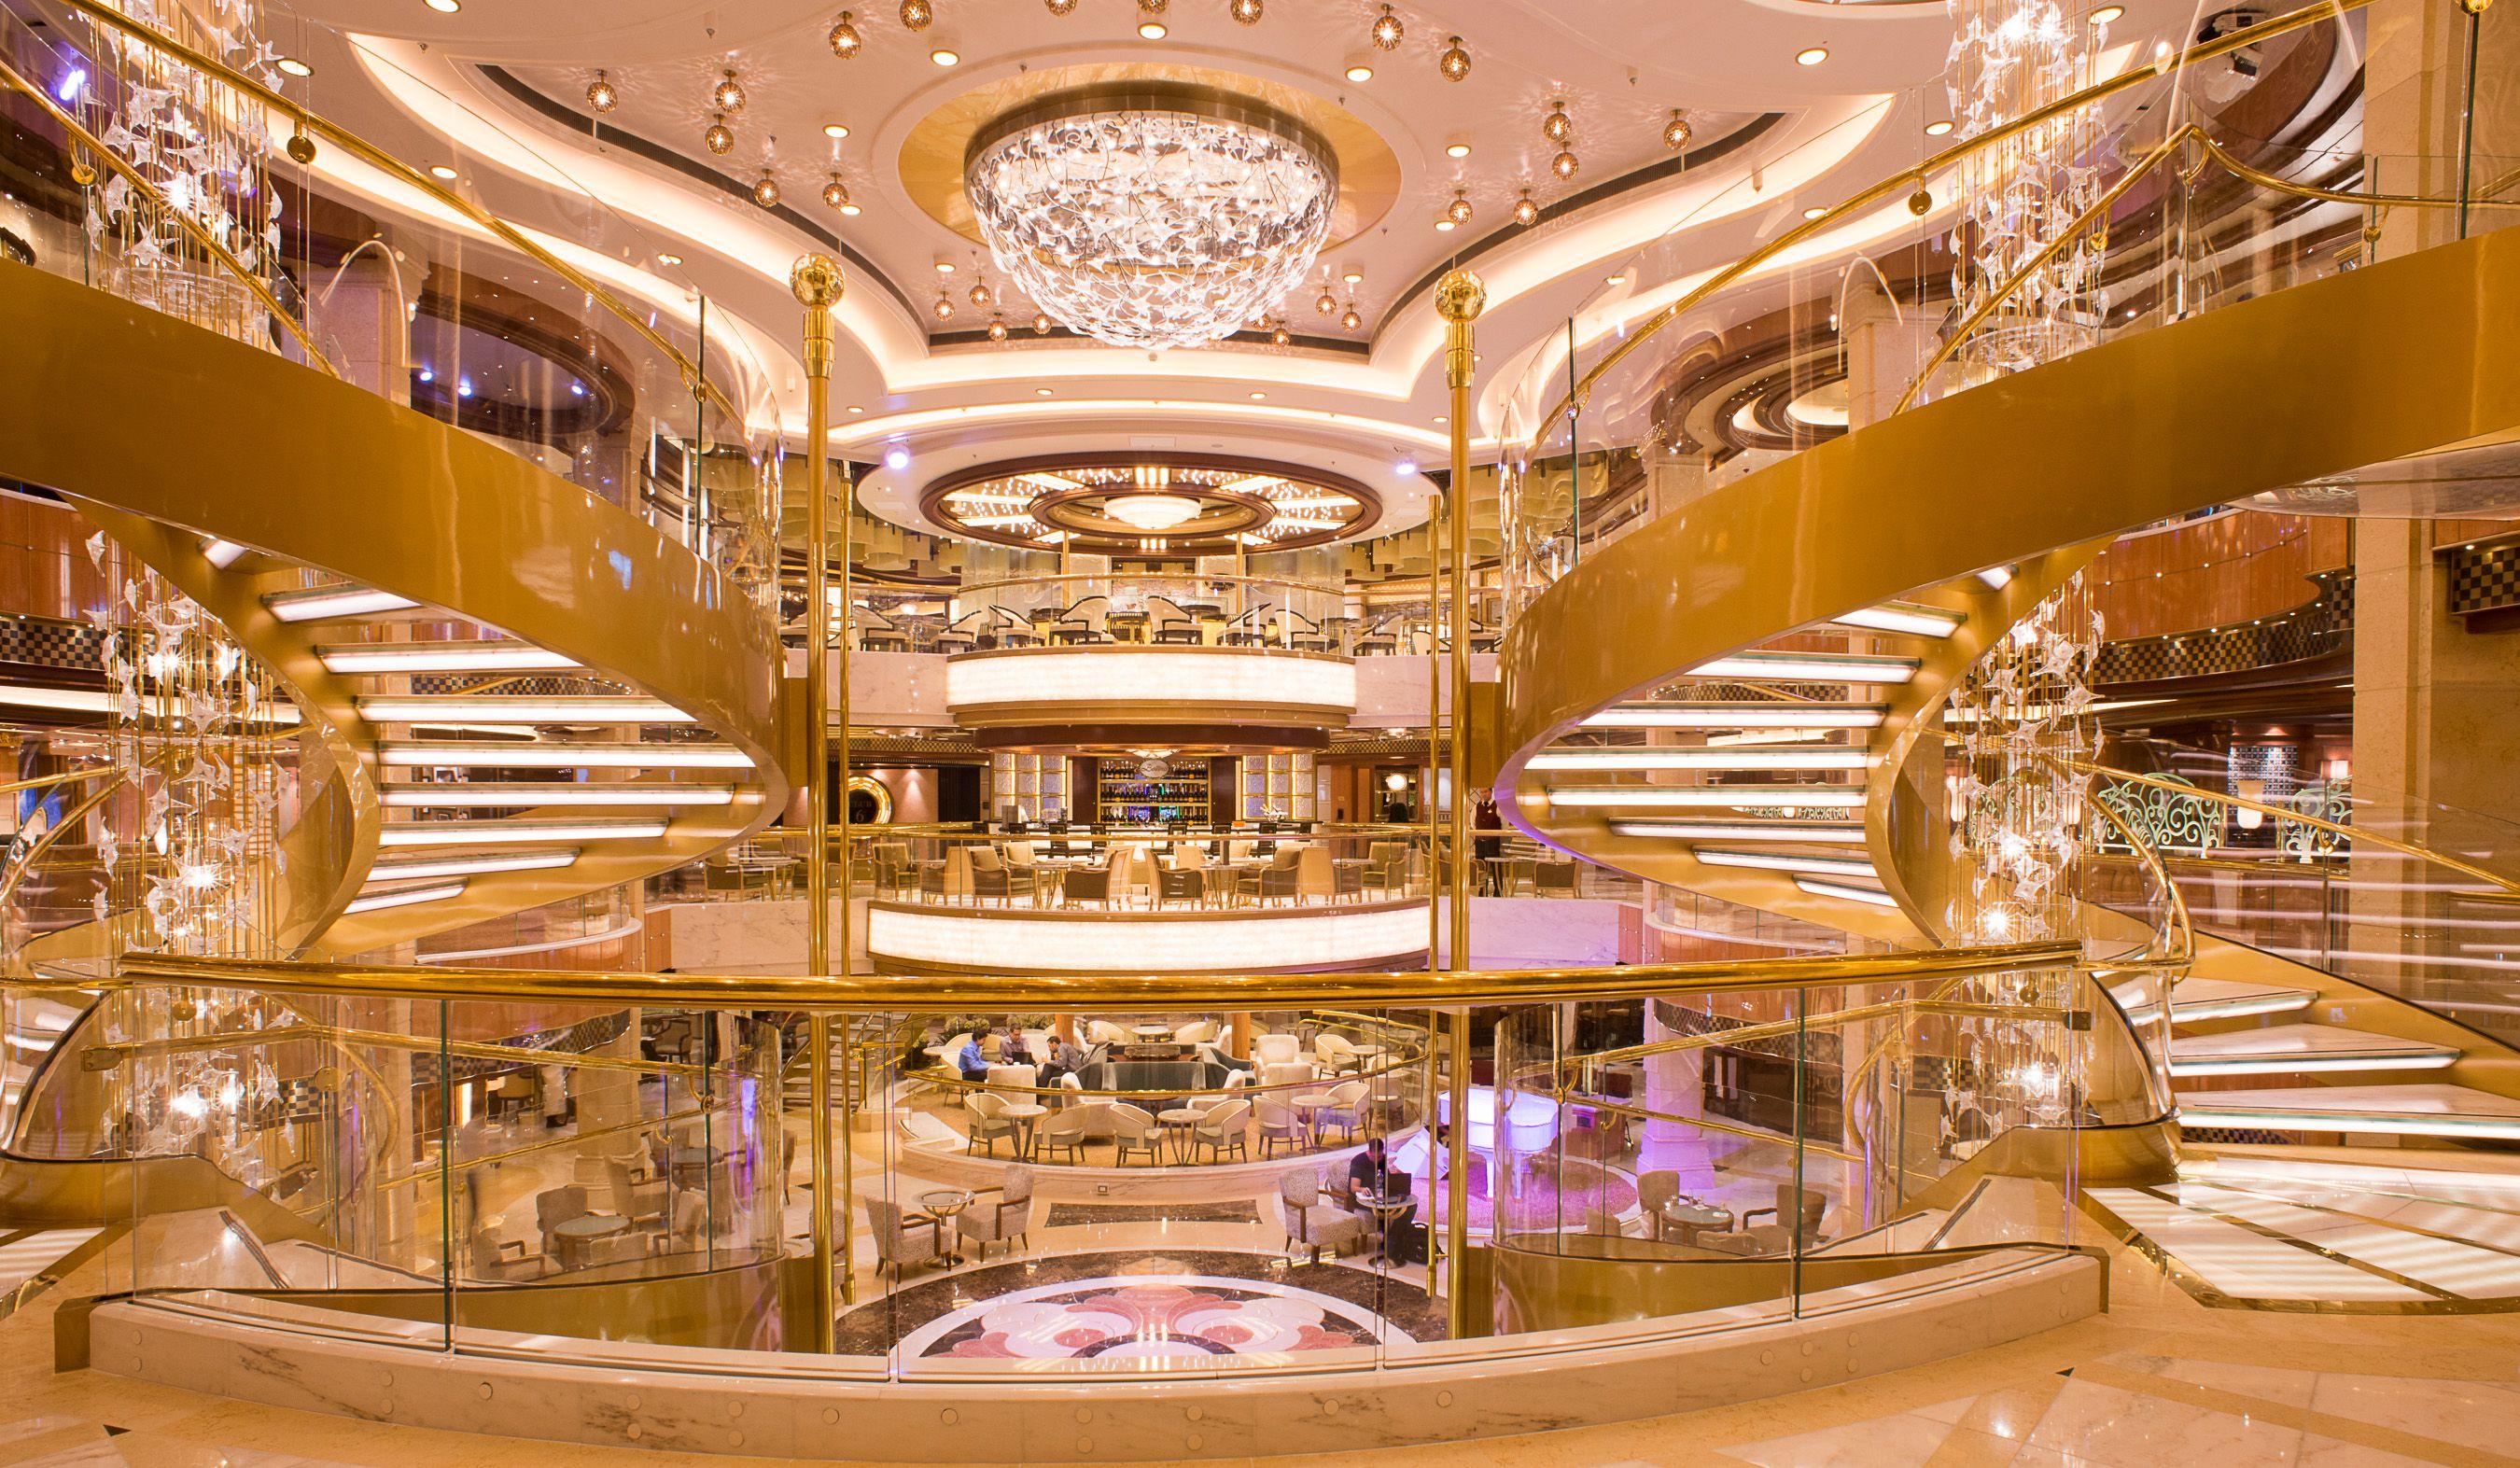 cruise ship interior Google Search Cruiseschip